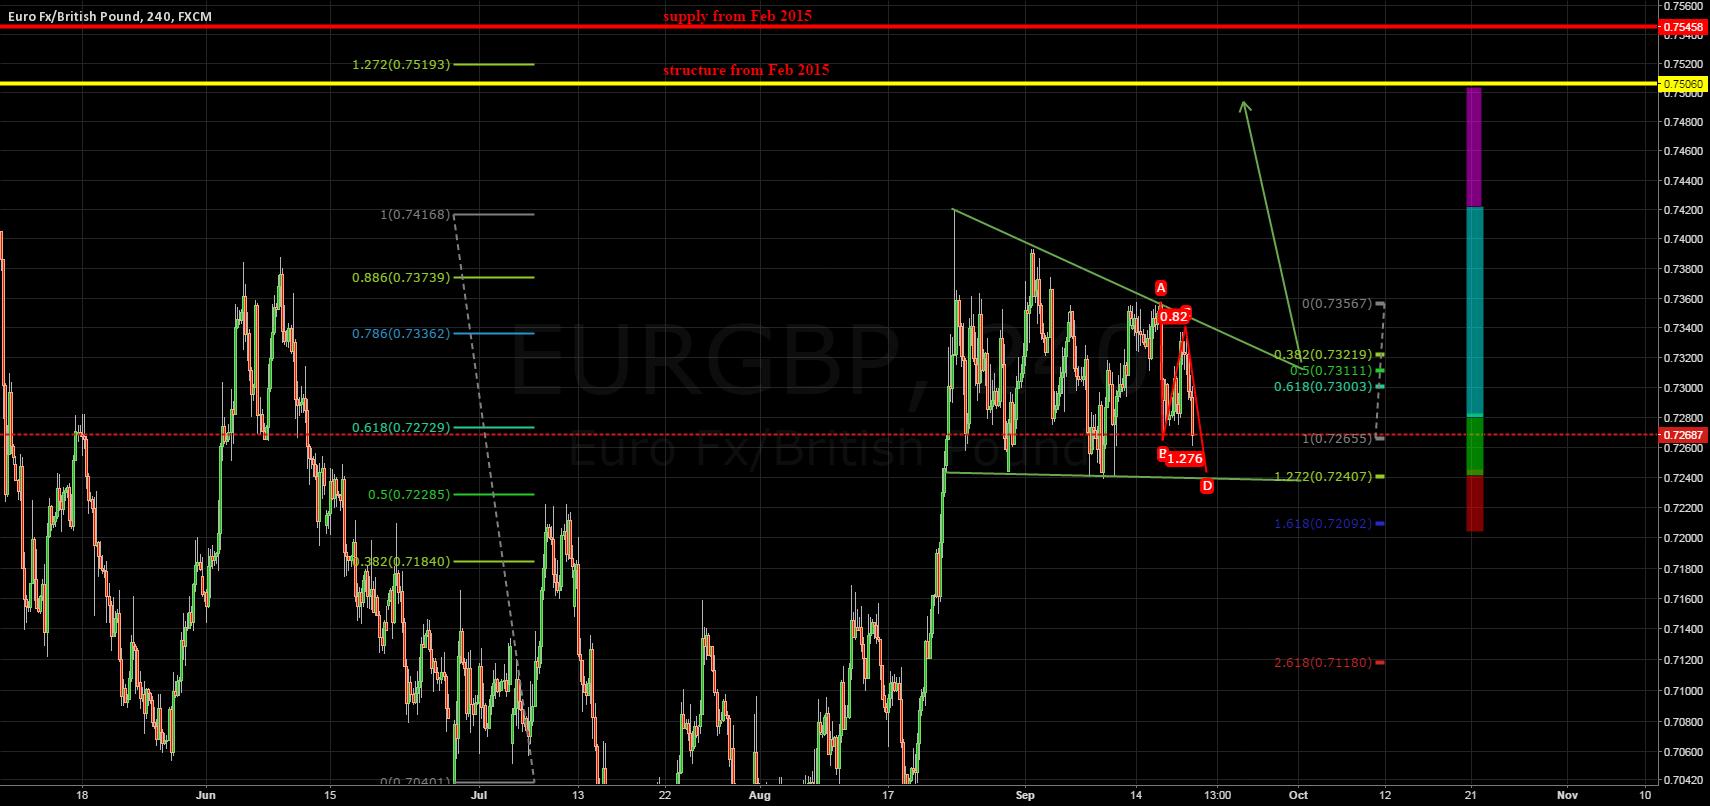 Trading plan - EURGBP